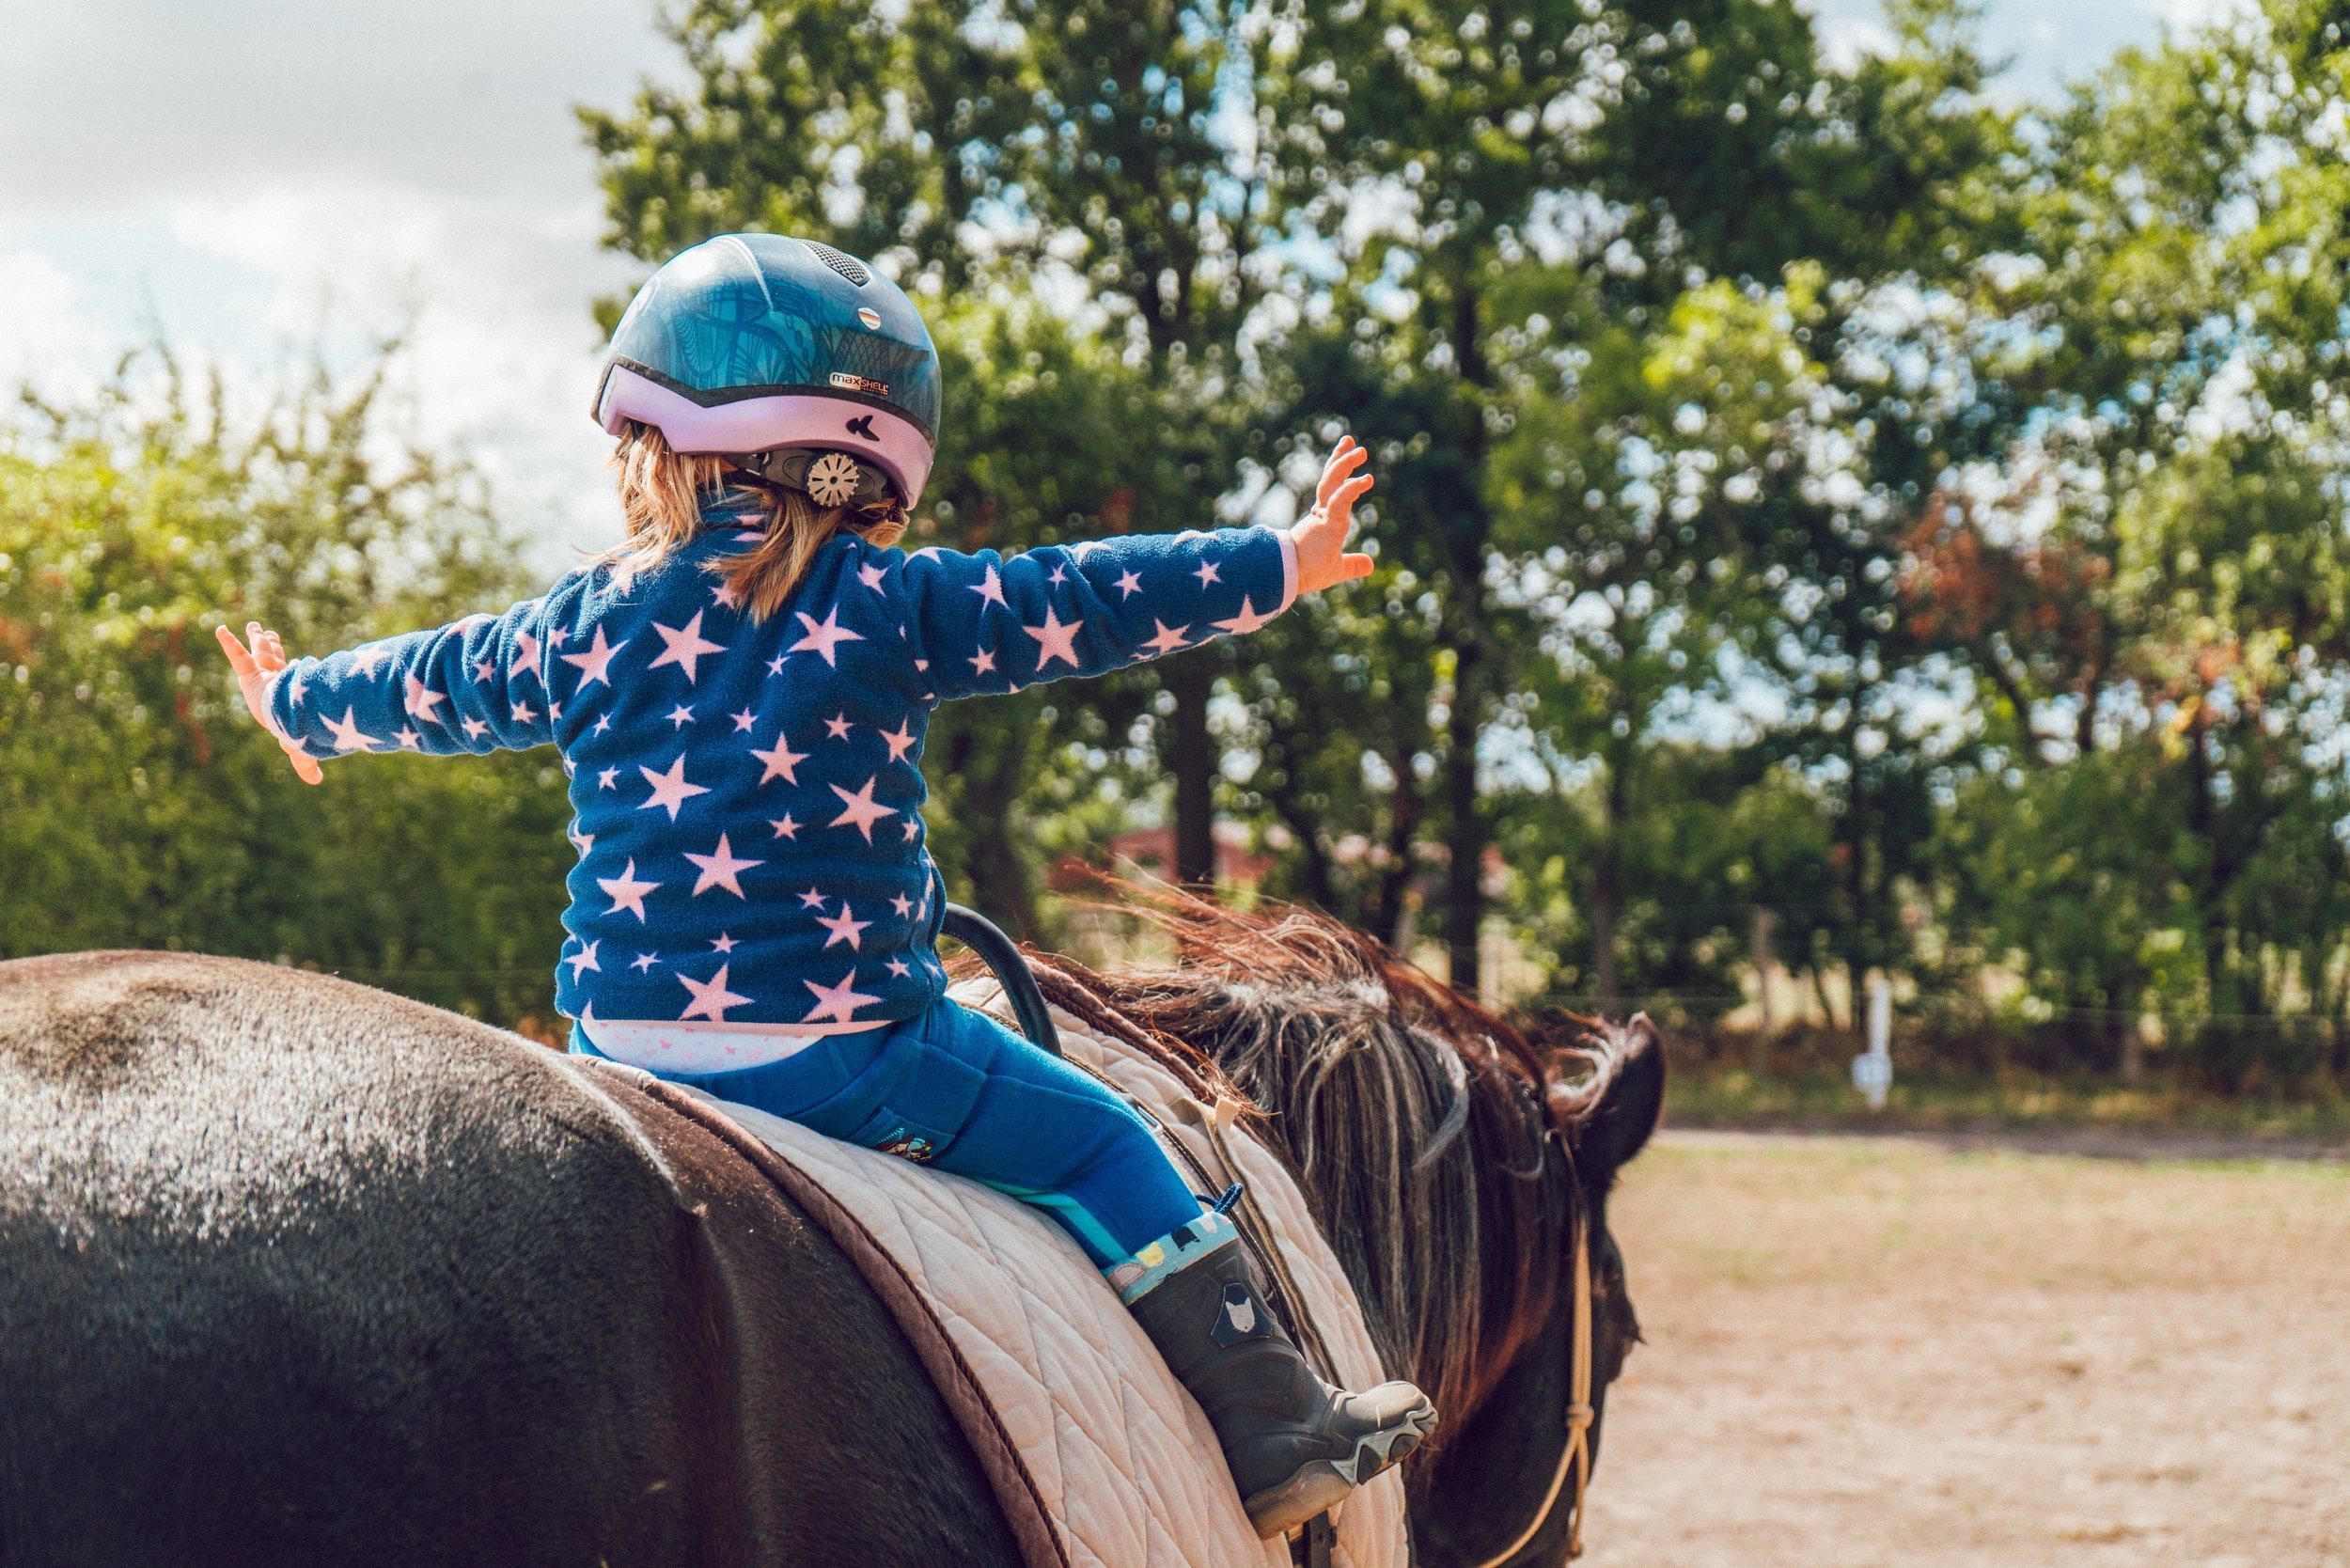 brave-child-courage-1364073.jpg